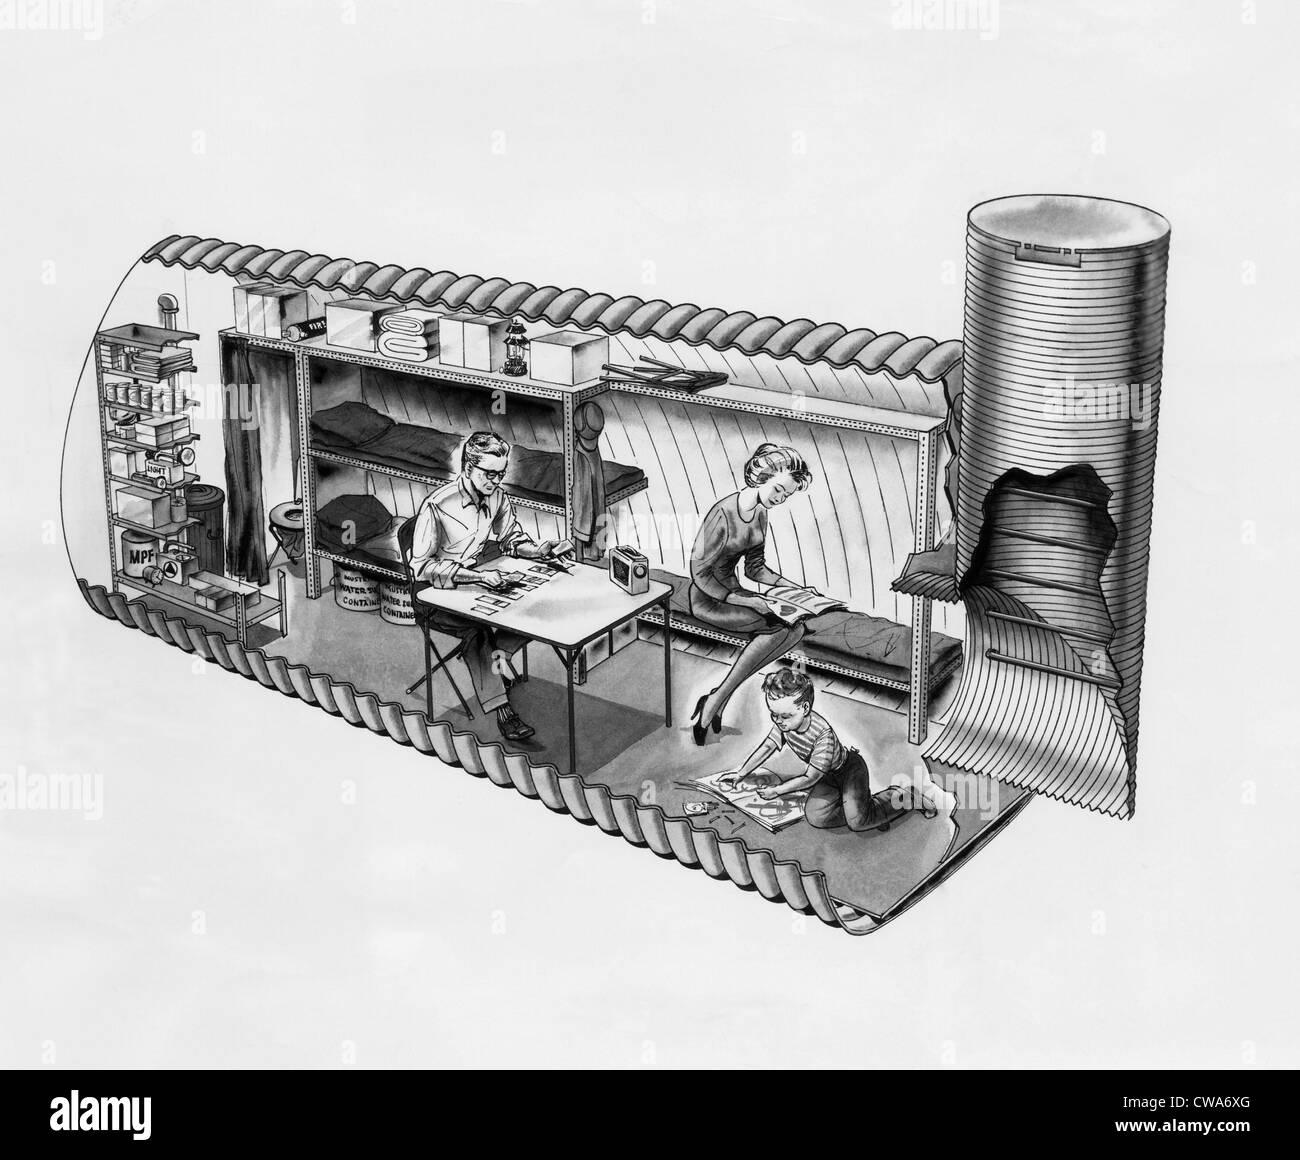 Eine Illustration von vorgefertigten Fallout Unterstände, entworfen, um unter die Deckung der Erde, 1962 platziert Stockbild